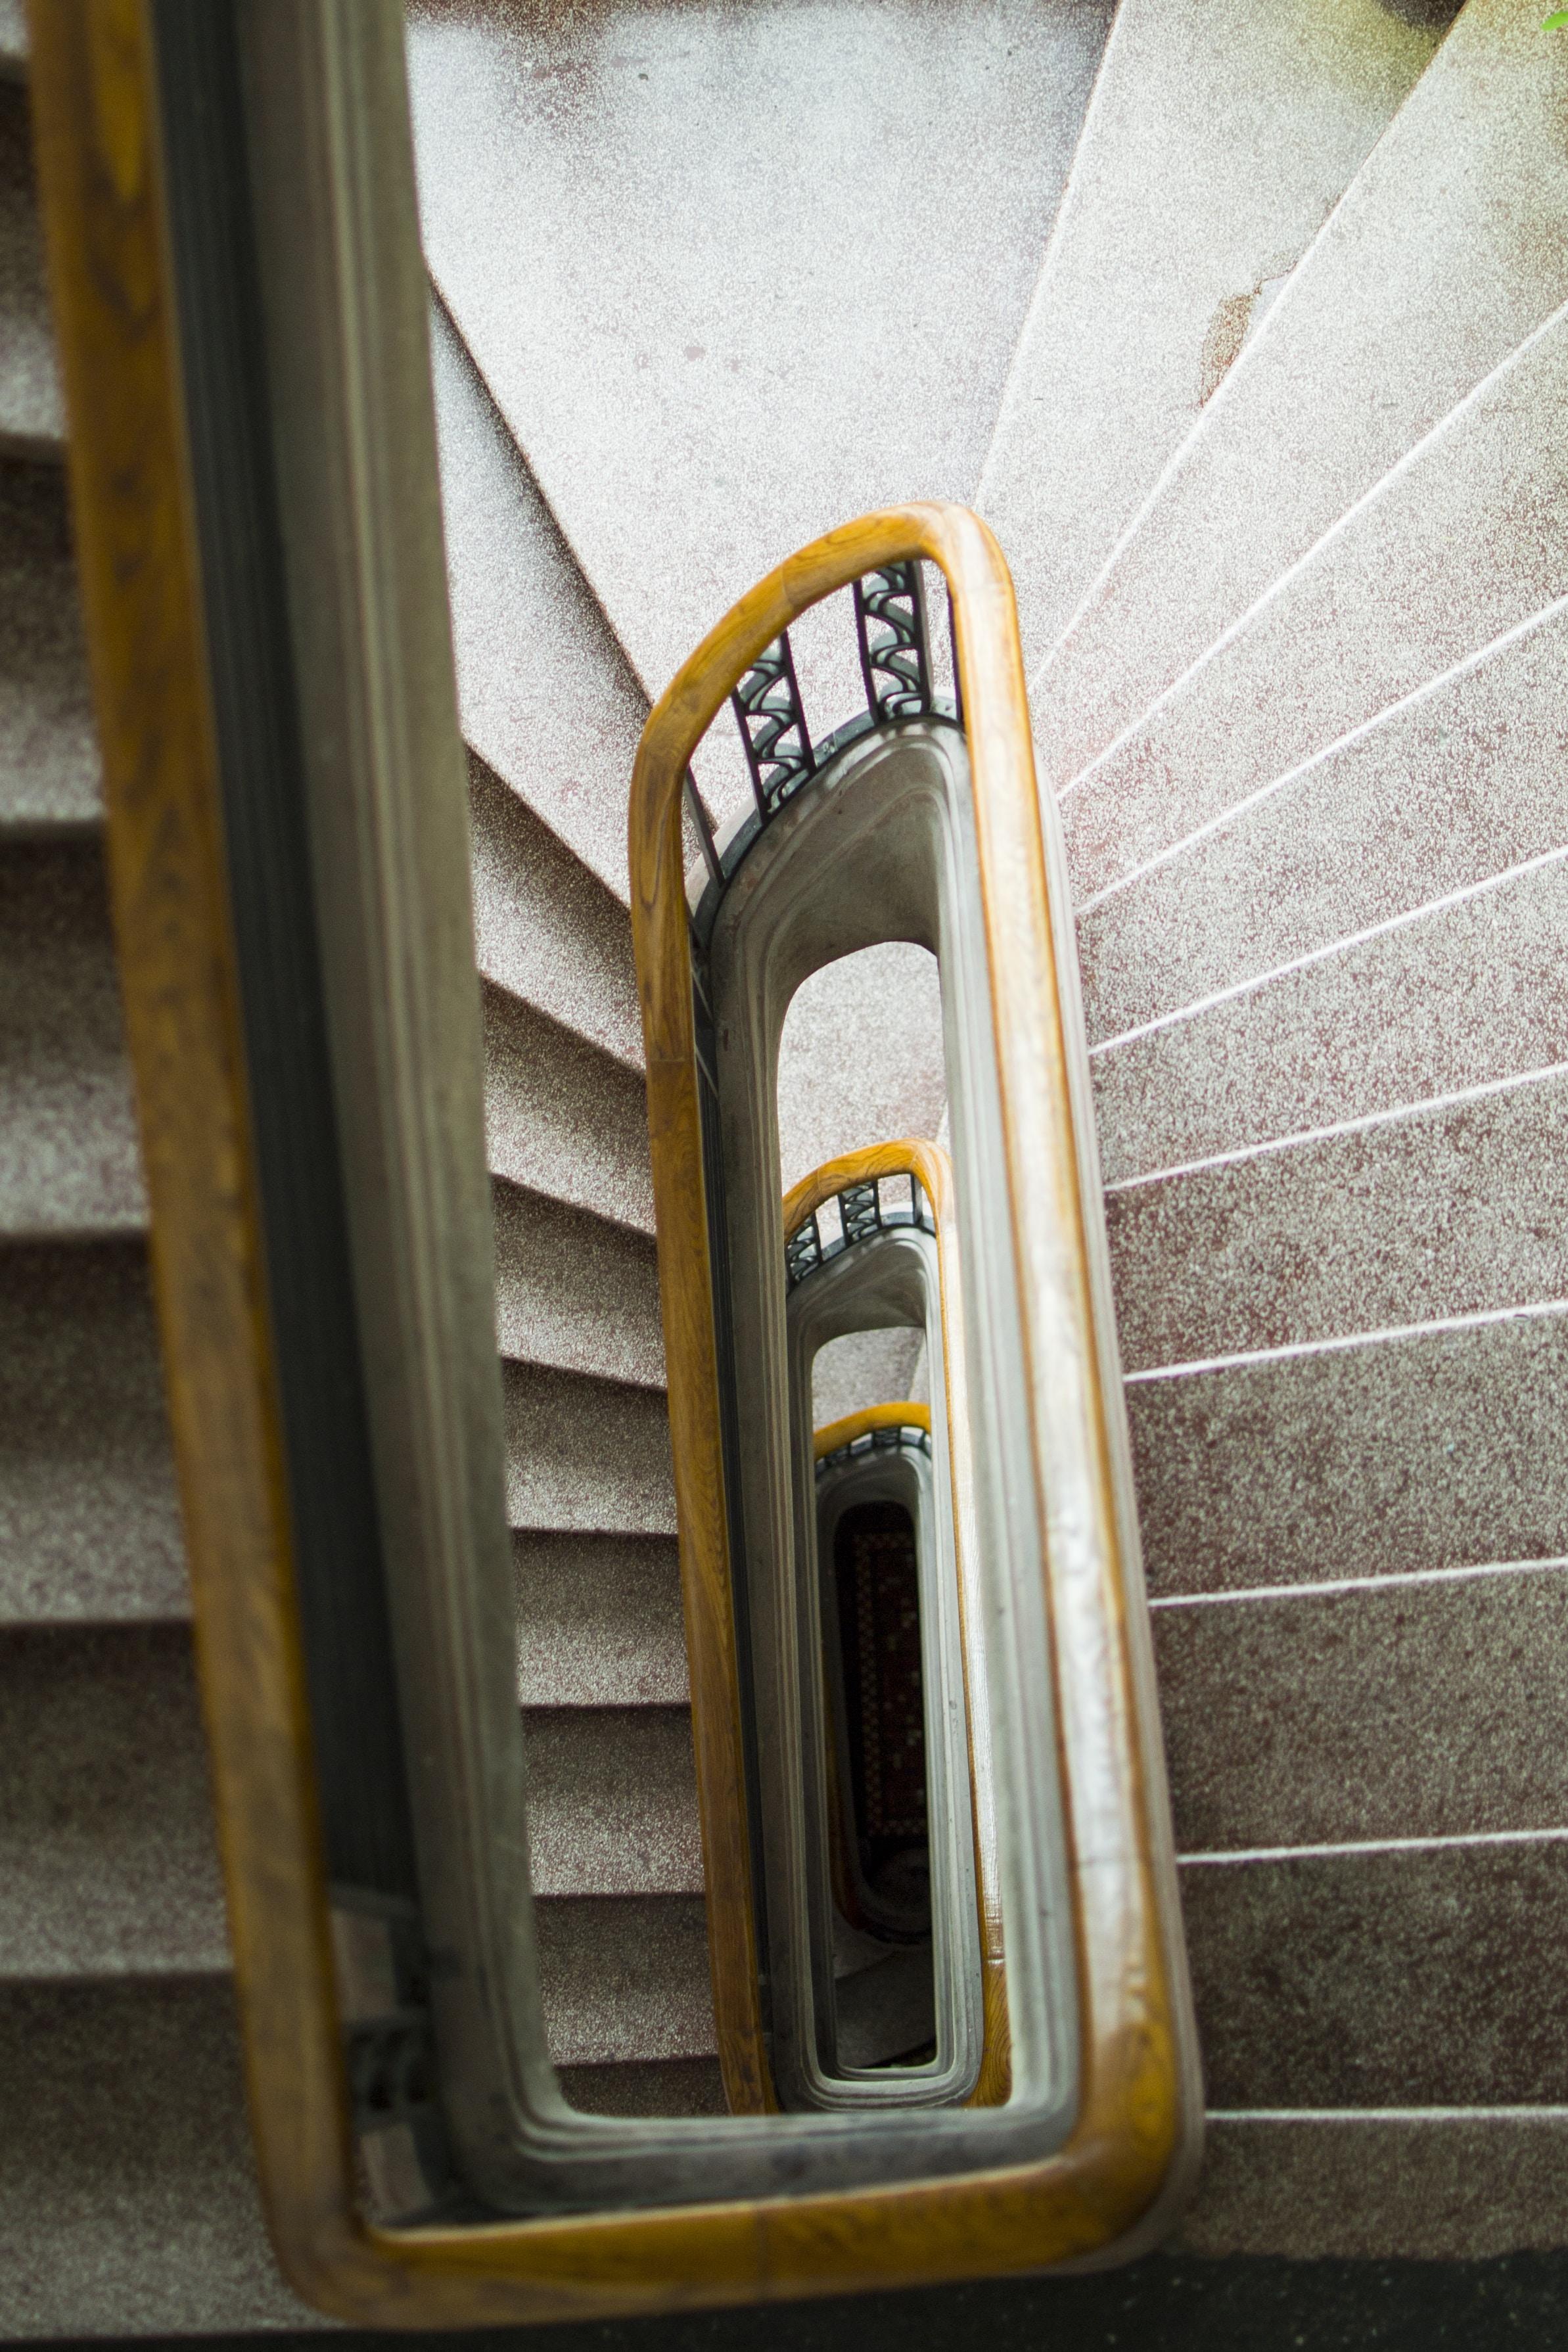 gray concrete spiral staircase